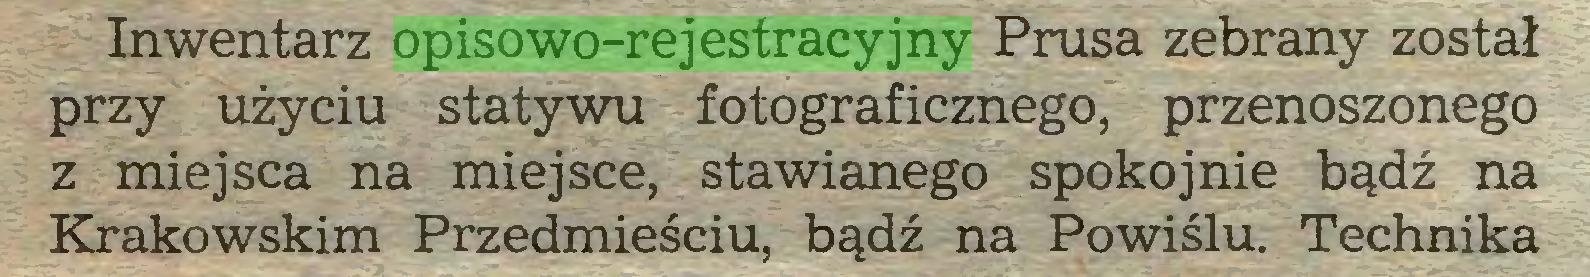 (...) Inwentarz opisowo-rejestracyjny Prusa zebrany został przy użyciu statywu fotograficznego, przenoszonego z miejsca na miejsce, stawianego spokojnie bądź na Krakowskim Przedmieściu, bądź na Powiślu. Technika...